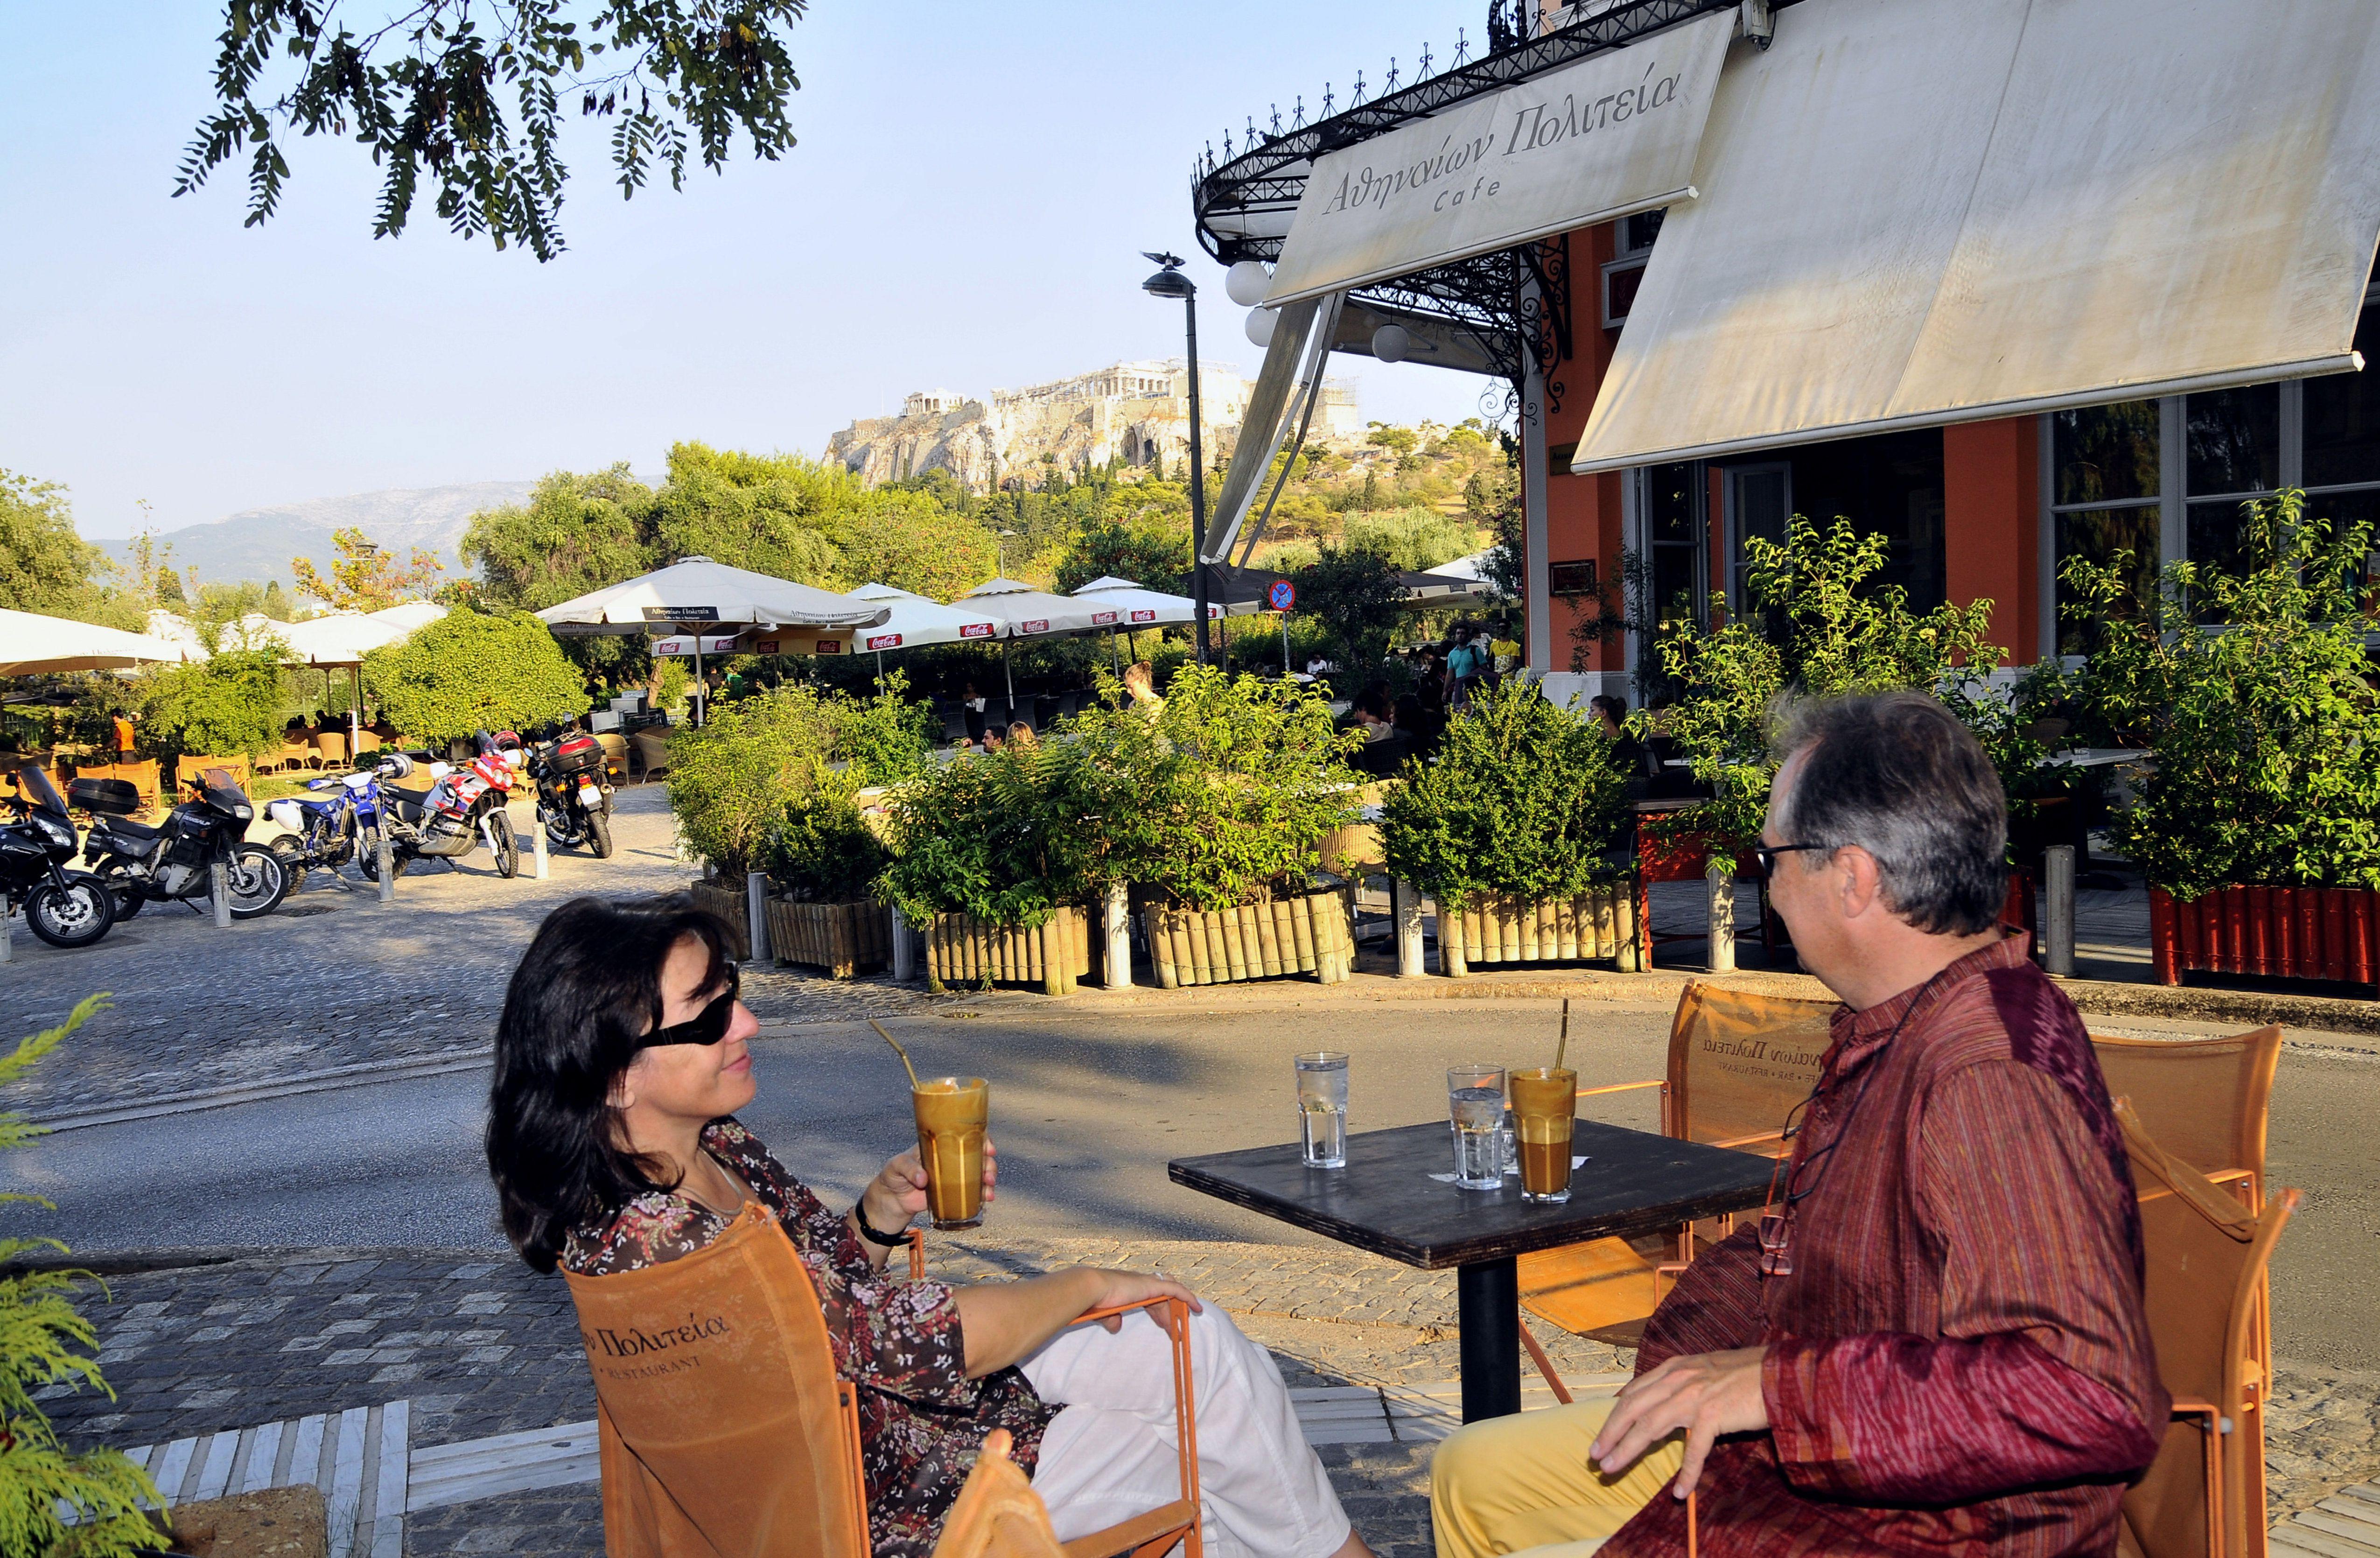 Turistas en un café en la acera del barrio de Thissio, Atenas, Grecia, Europa